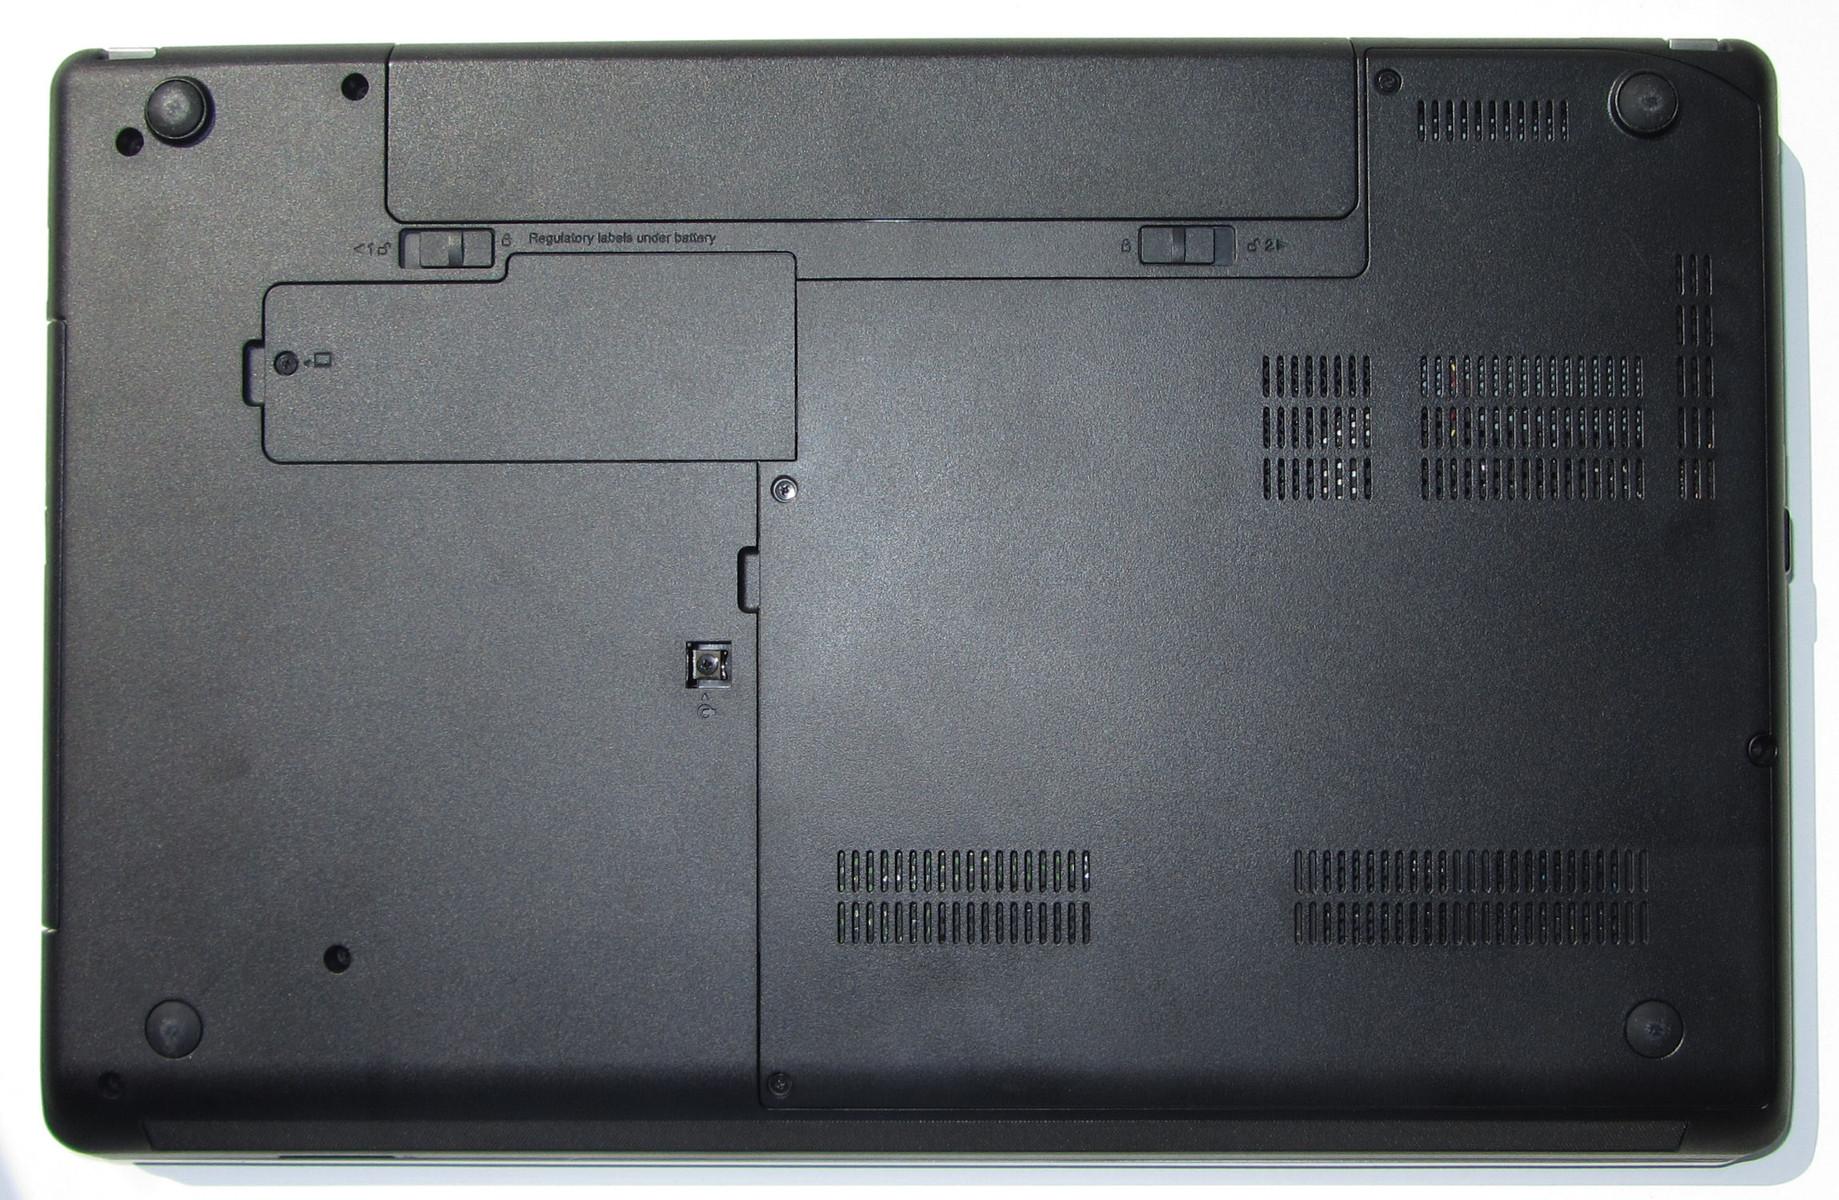 Lenovo Thinkpad Edge E535 TrueSuite Fingerprint Reader Driver